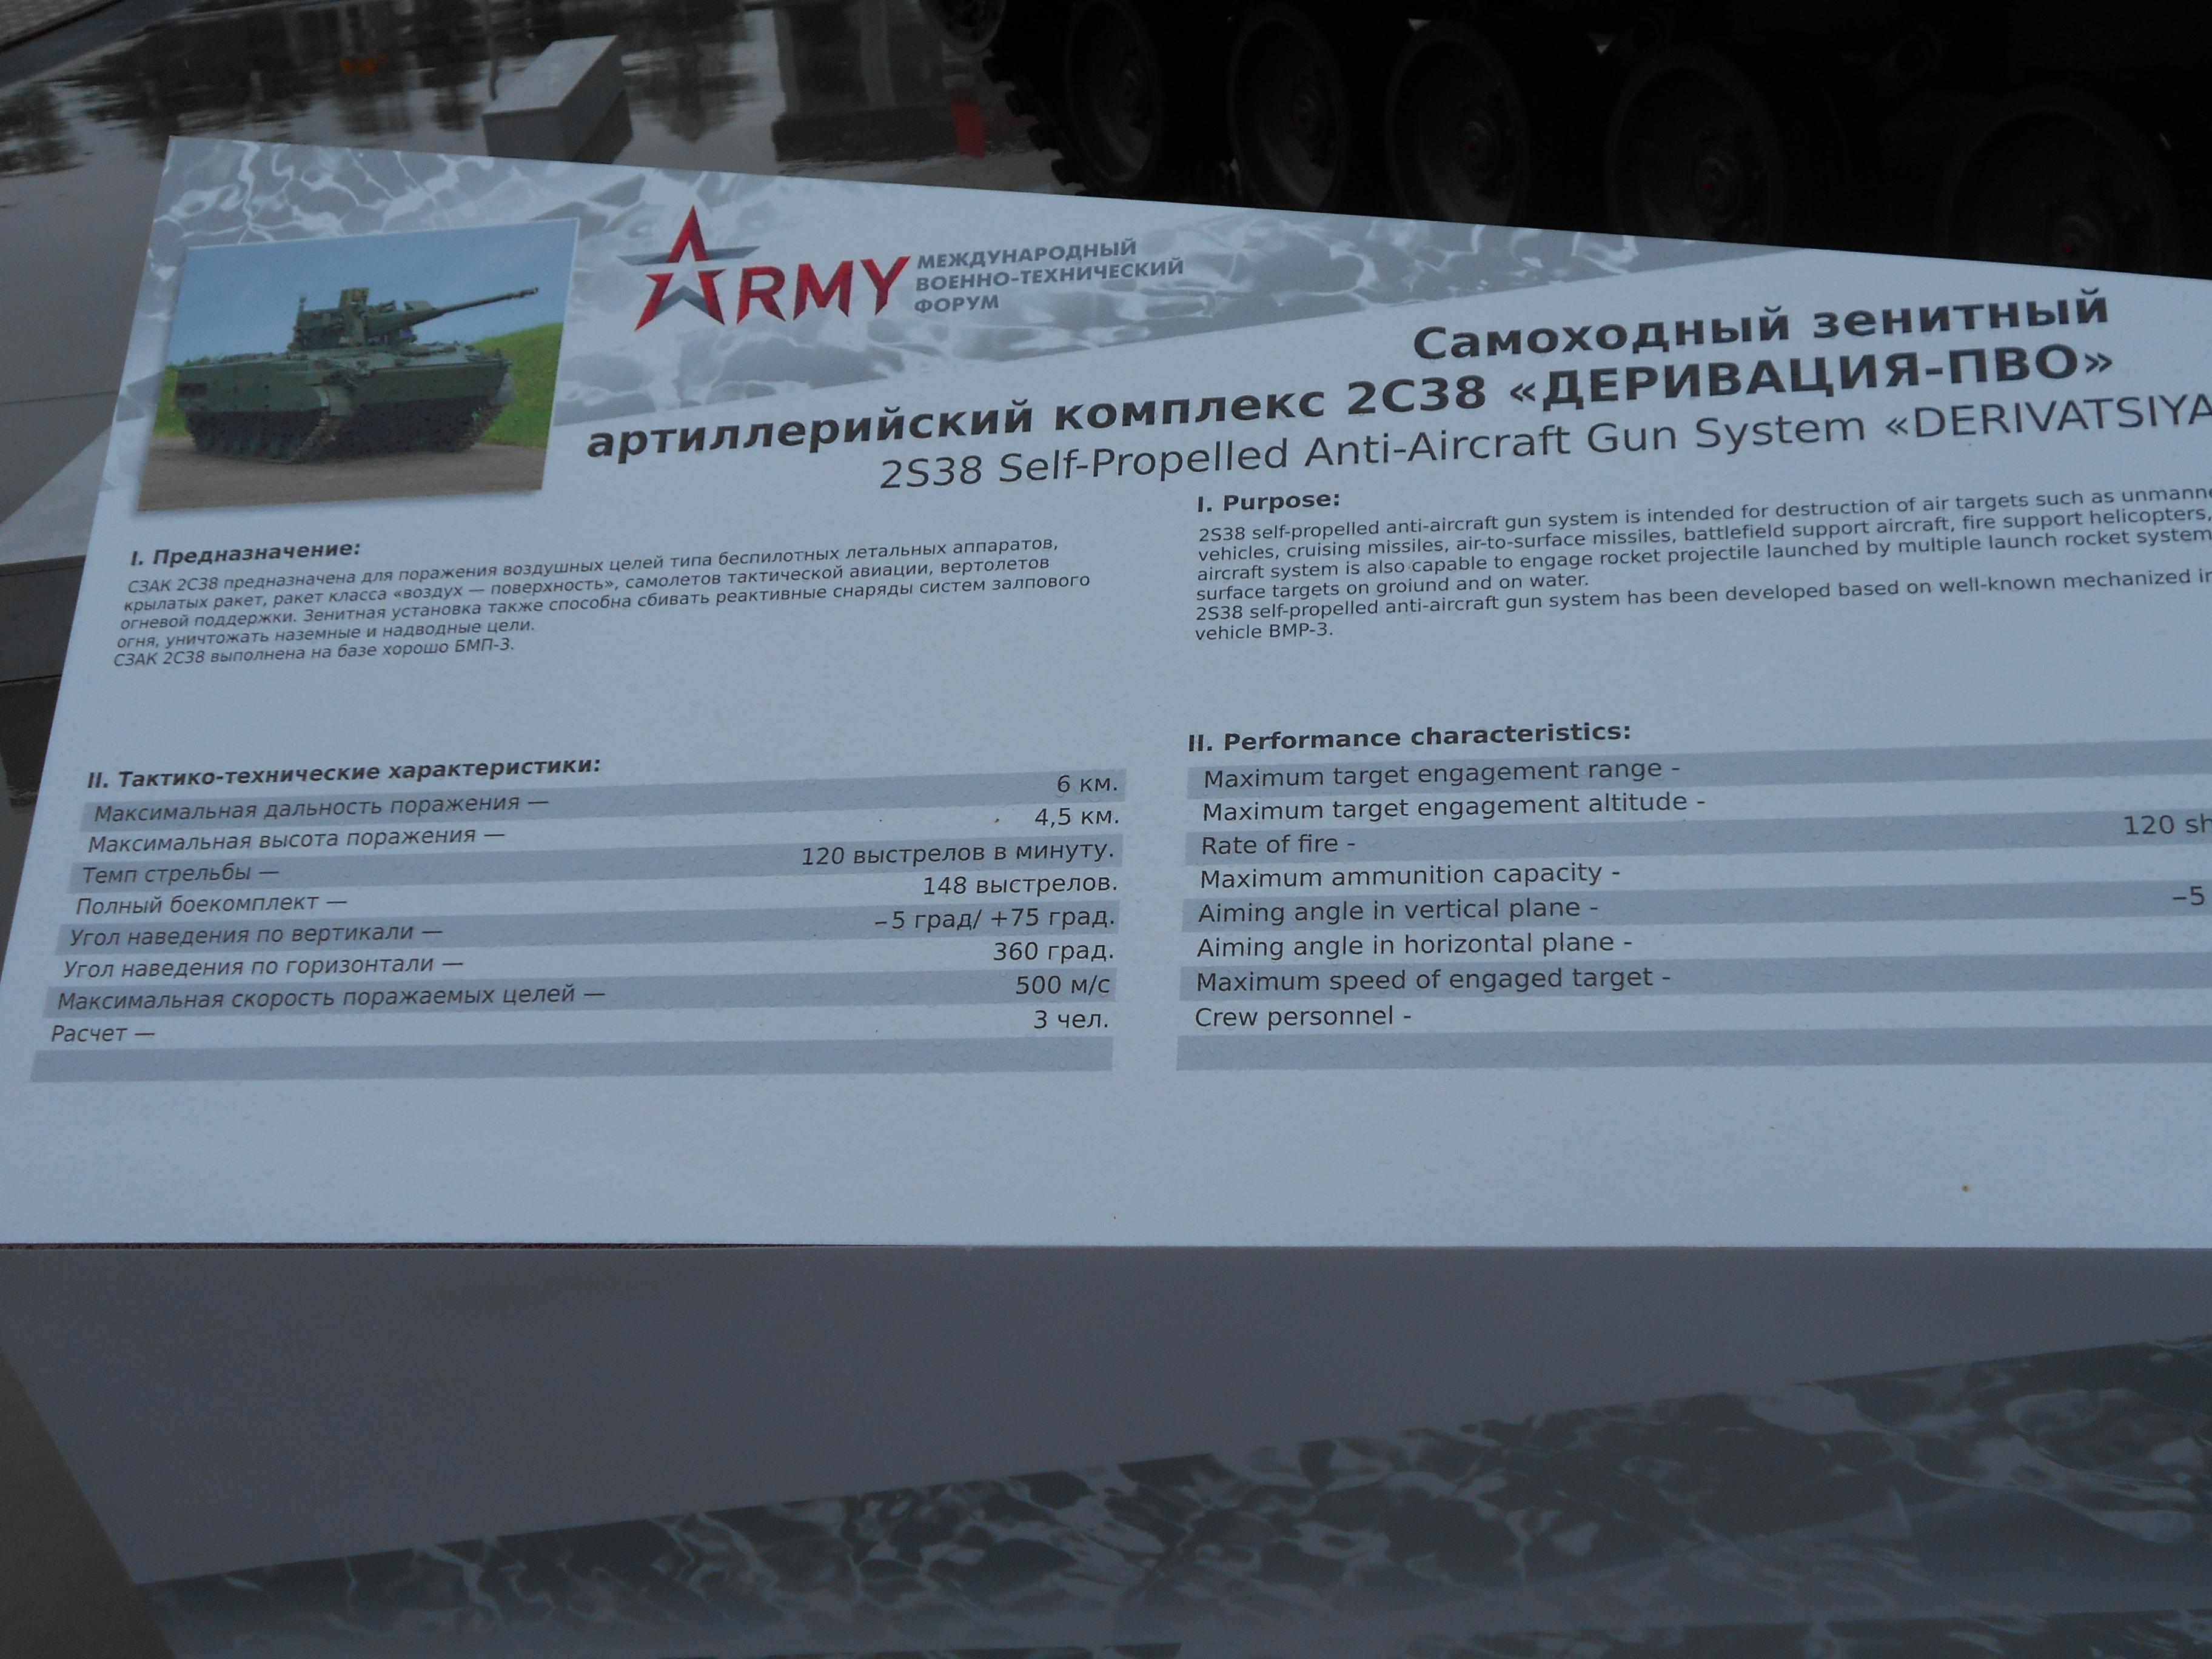 http://forumupload.ru/uploads/000a/e3/16/369/860793.jpg